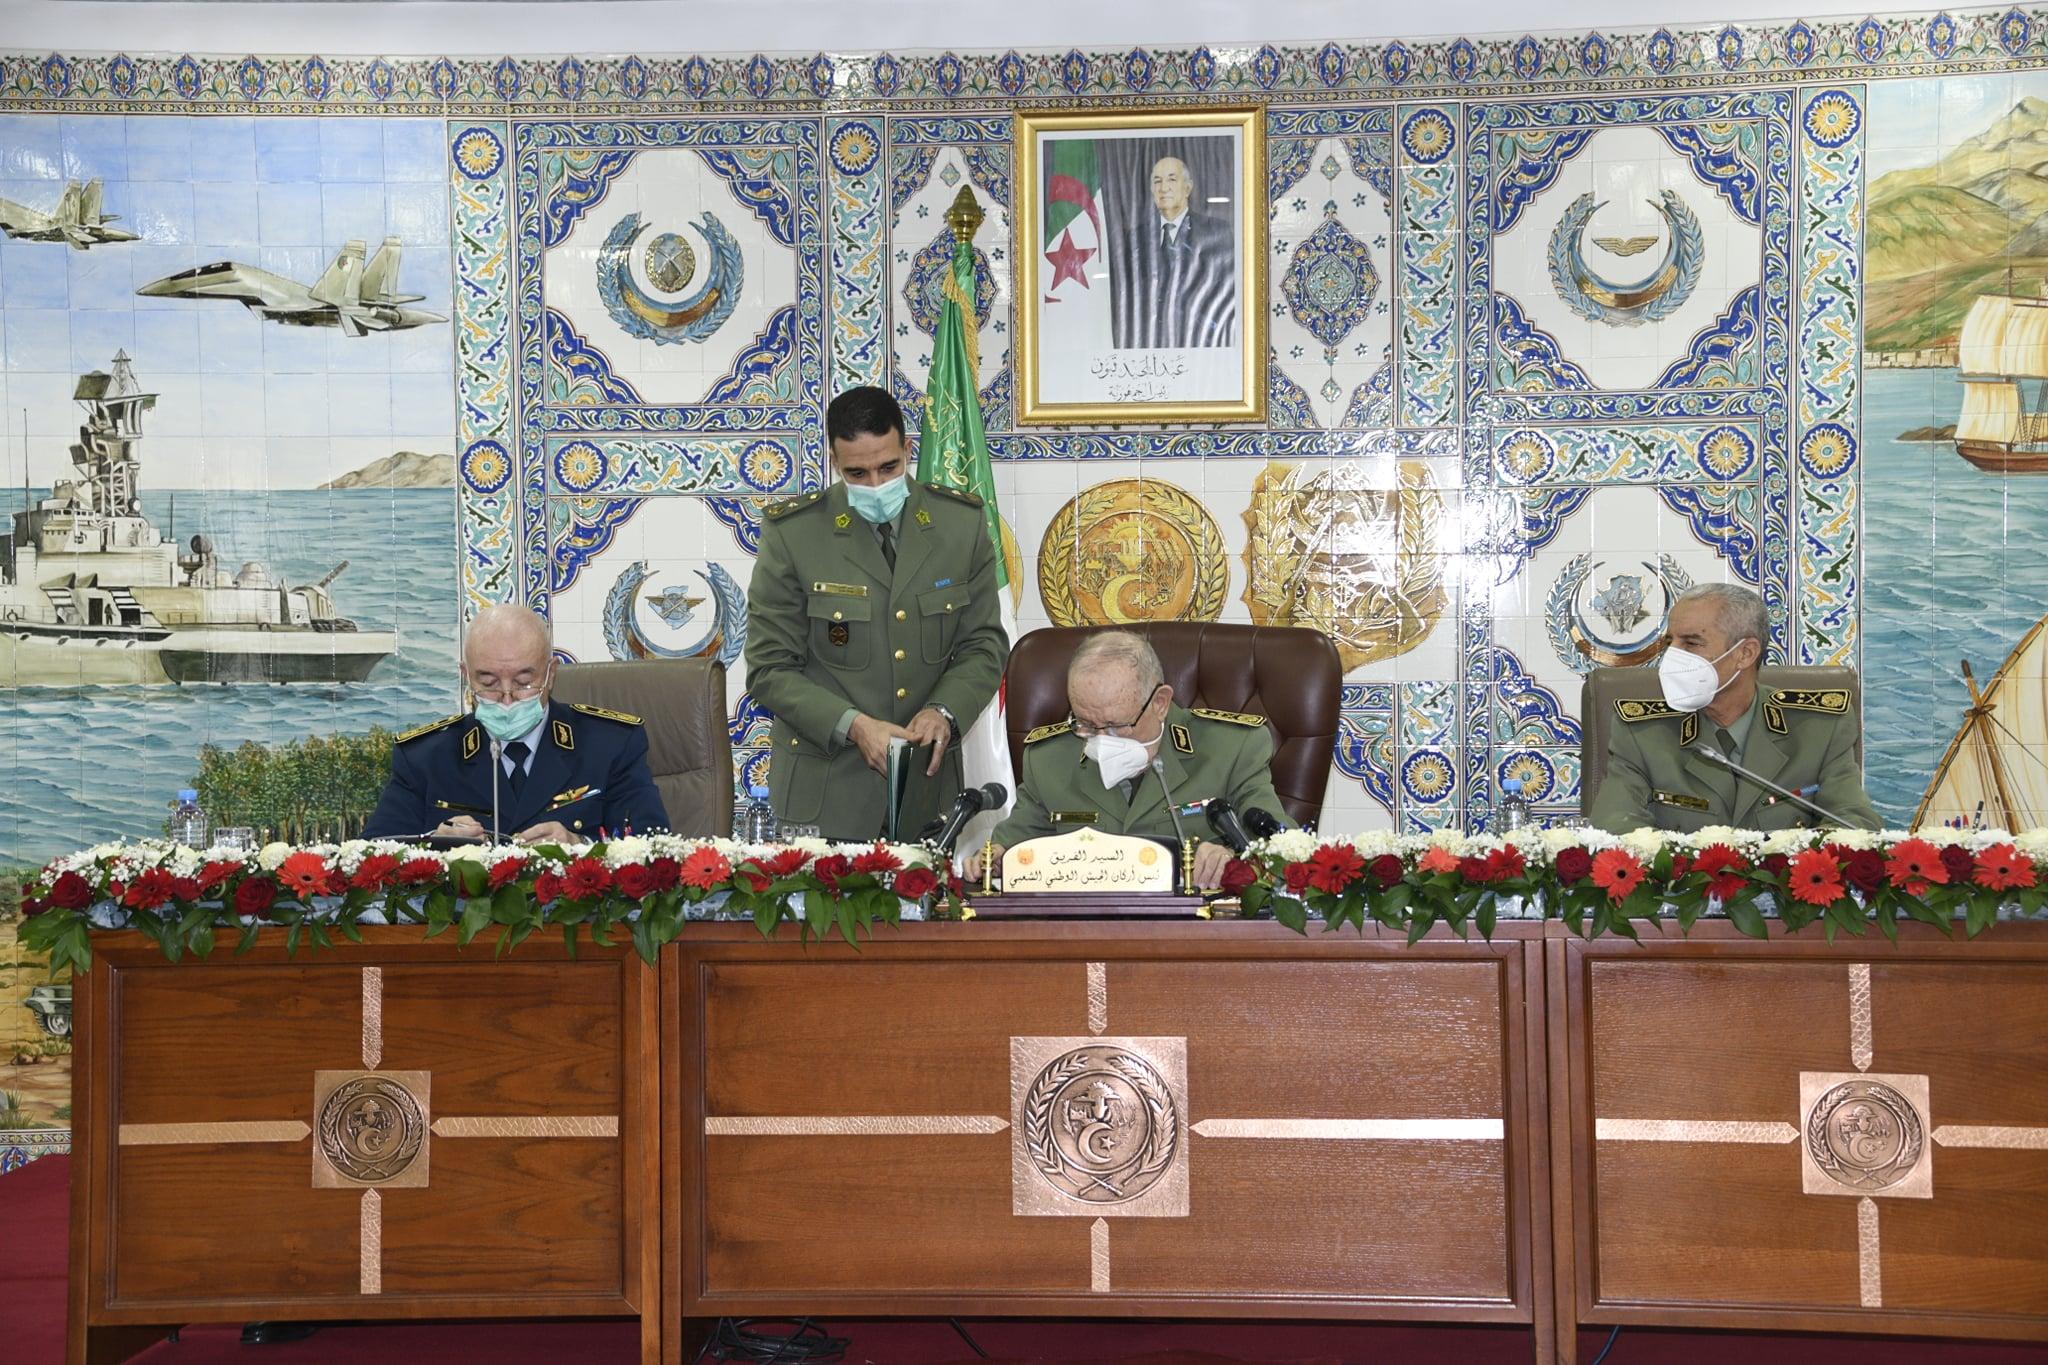 الفريق شنقريحة ينصب بن بيشة أمينا عاما لوزارة الدفاع